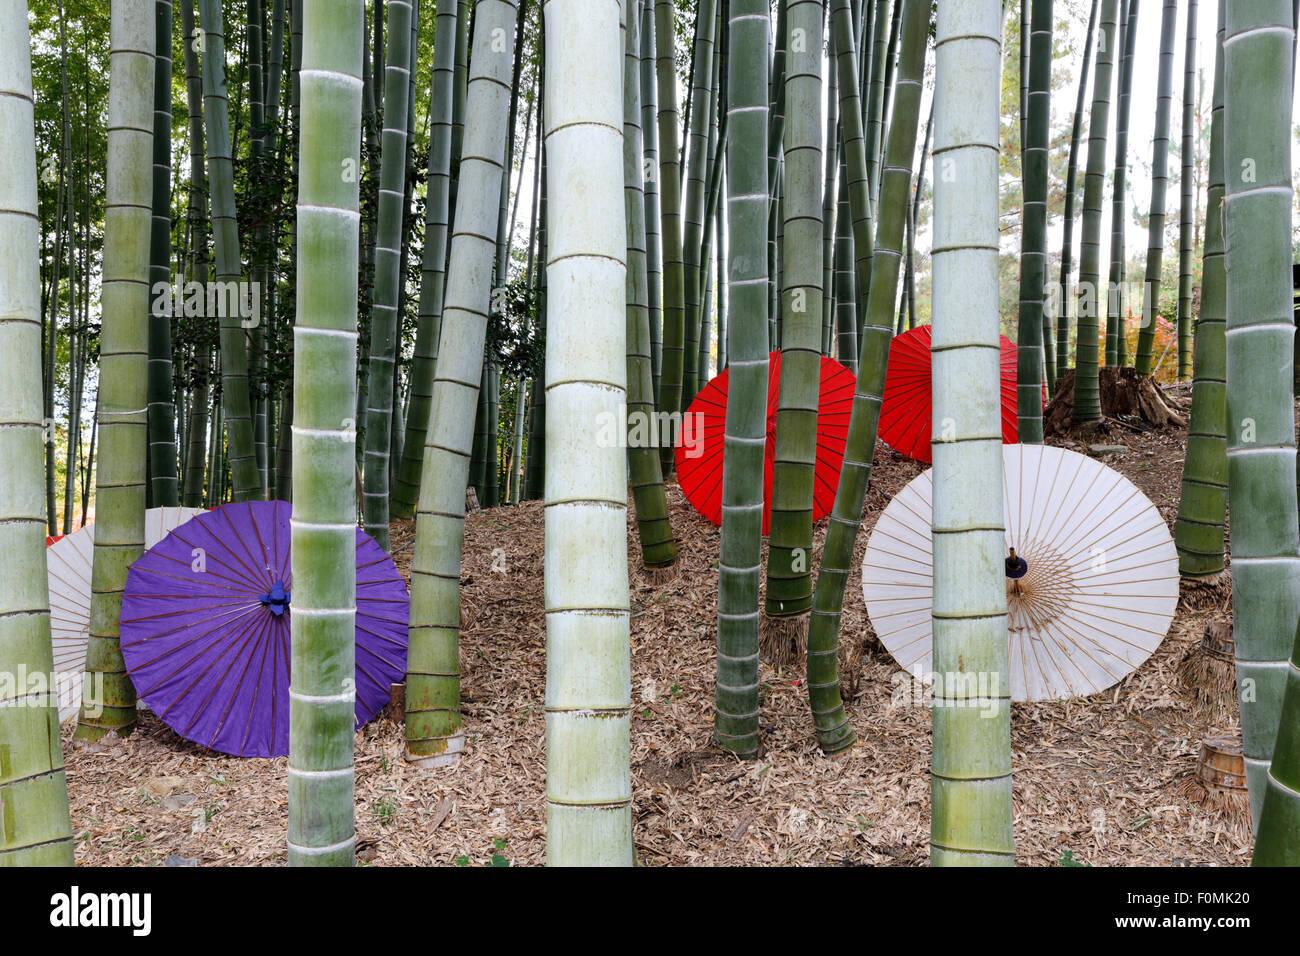 Japanische Schirme liegen unter Bambus Bäume, Kodai-Ji, südlichen Higashiyama, Kyoto, Japan, Asien Stockbild